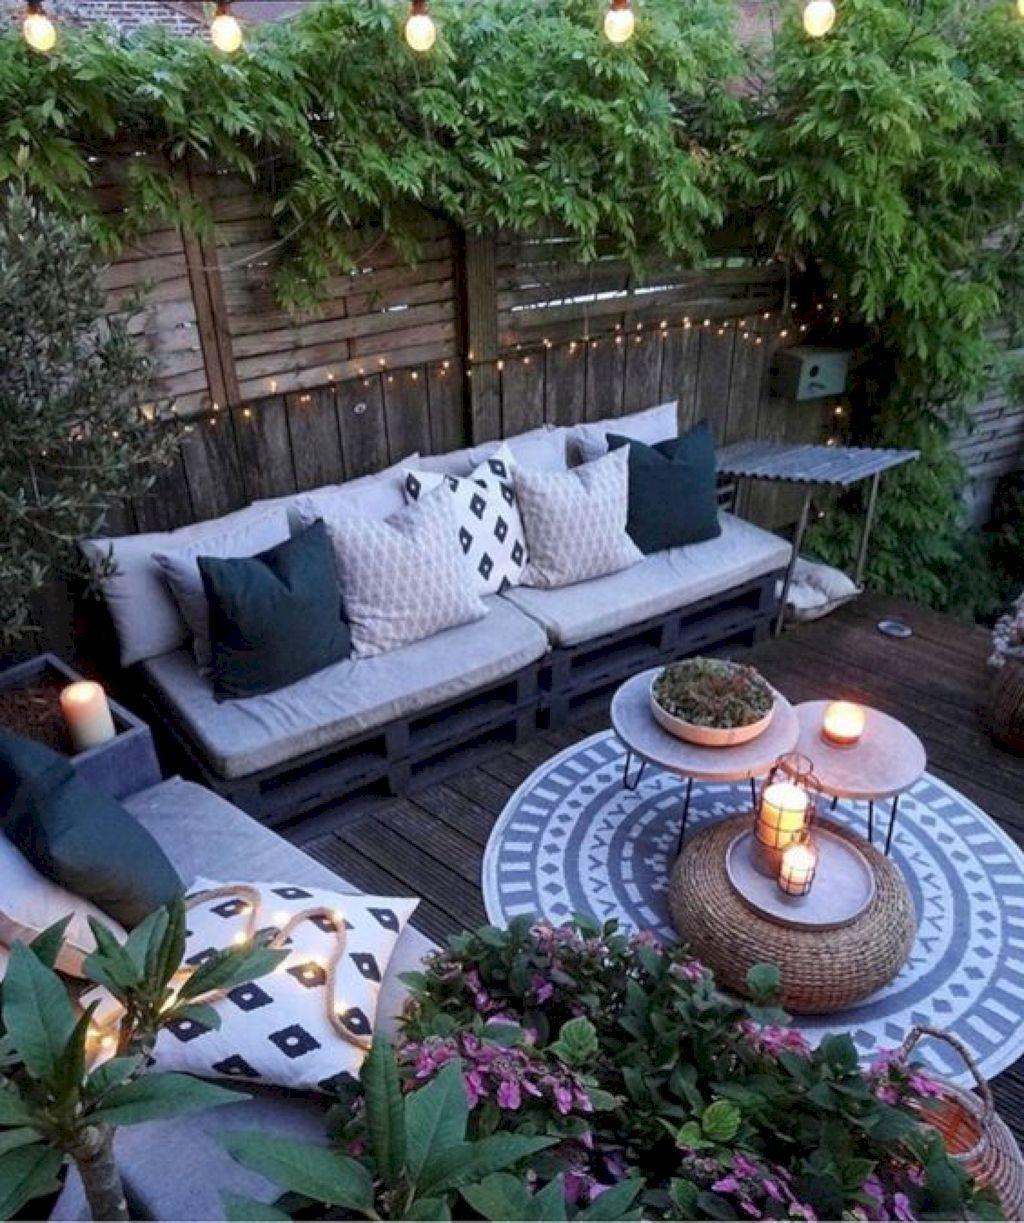 35 Fresh Small Backyard and Garden Design Ideas #smallgardenideas